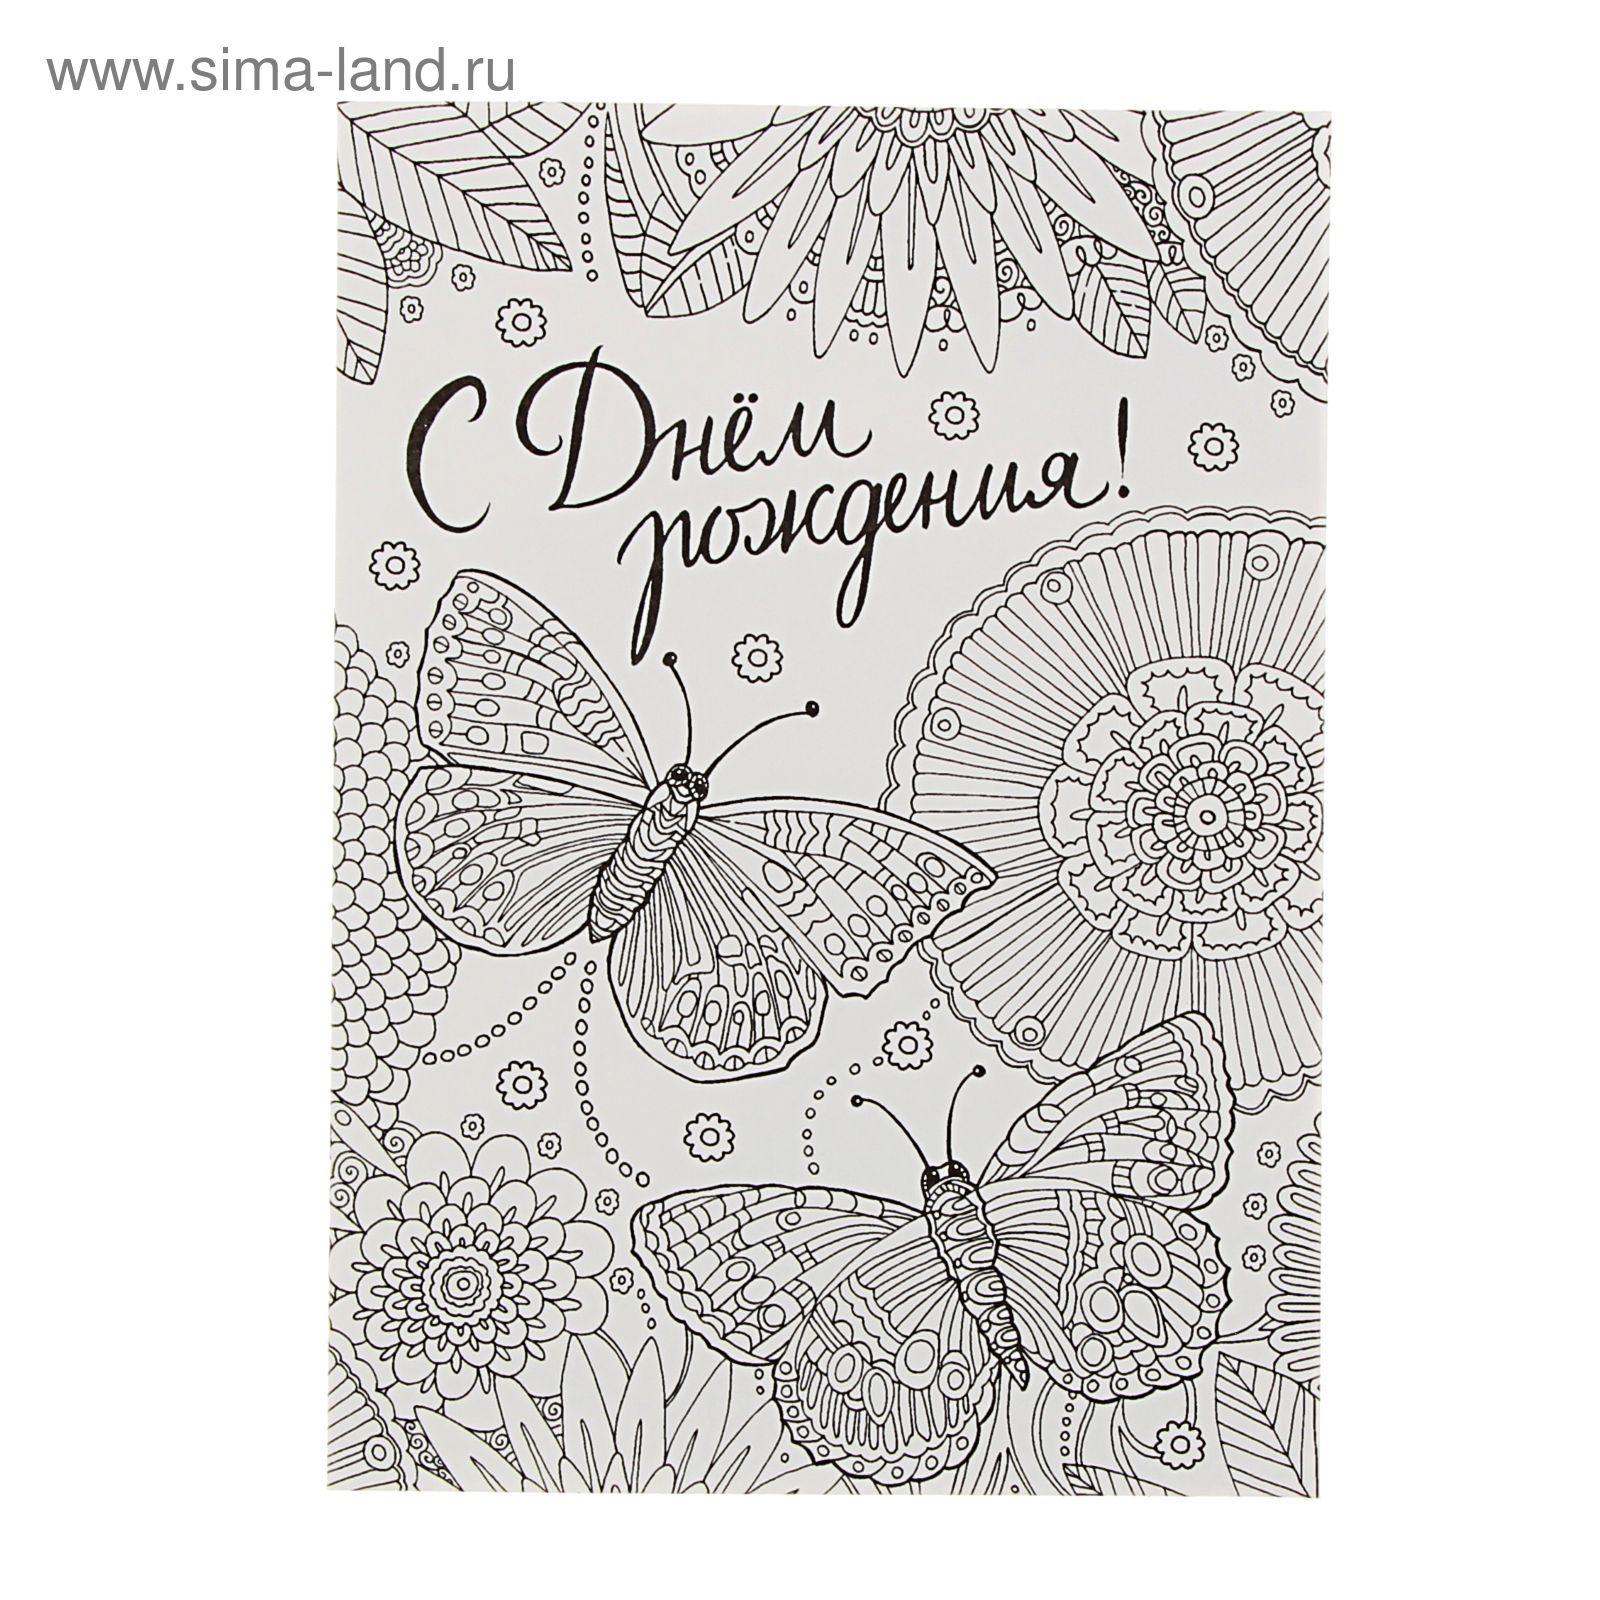 Картинки на открытку черно-белые